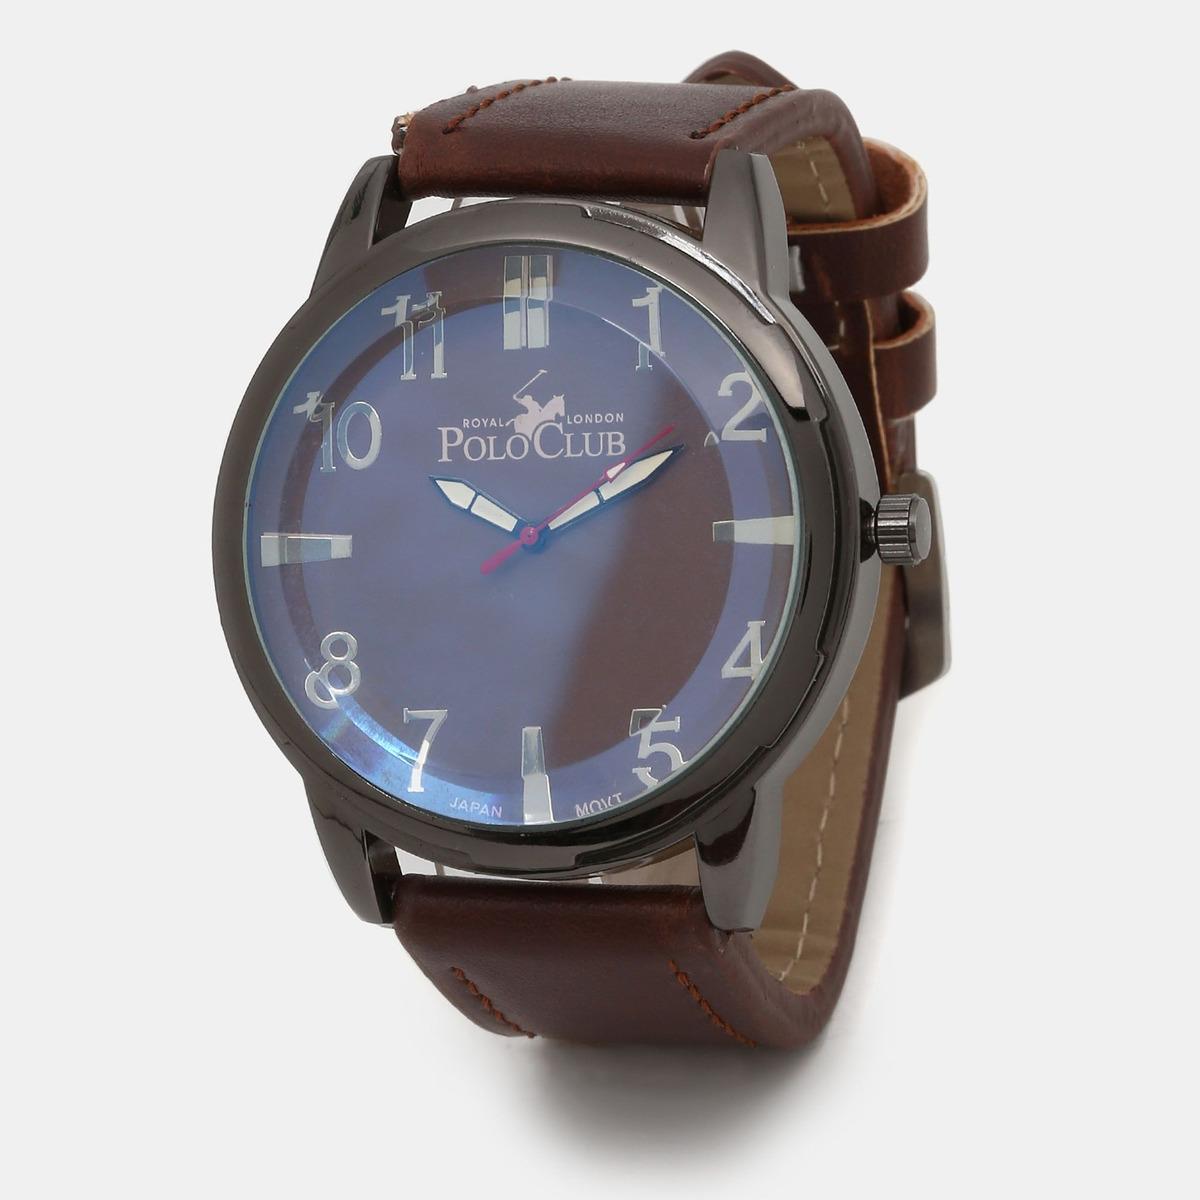 0ffd747882f1 Reloj Hombre Mano Polo Club Caballero Cafe Rlpc2905b -   549.00 en ...